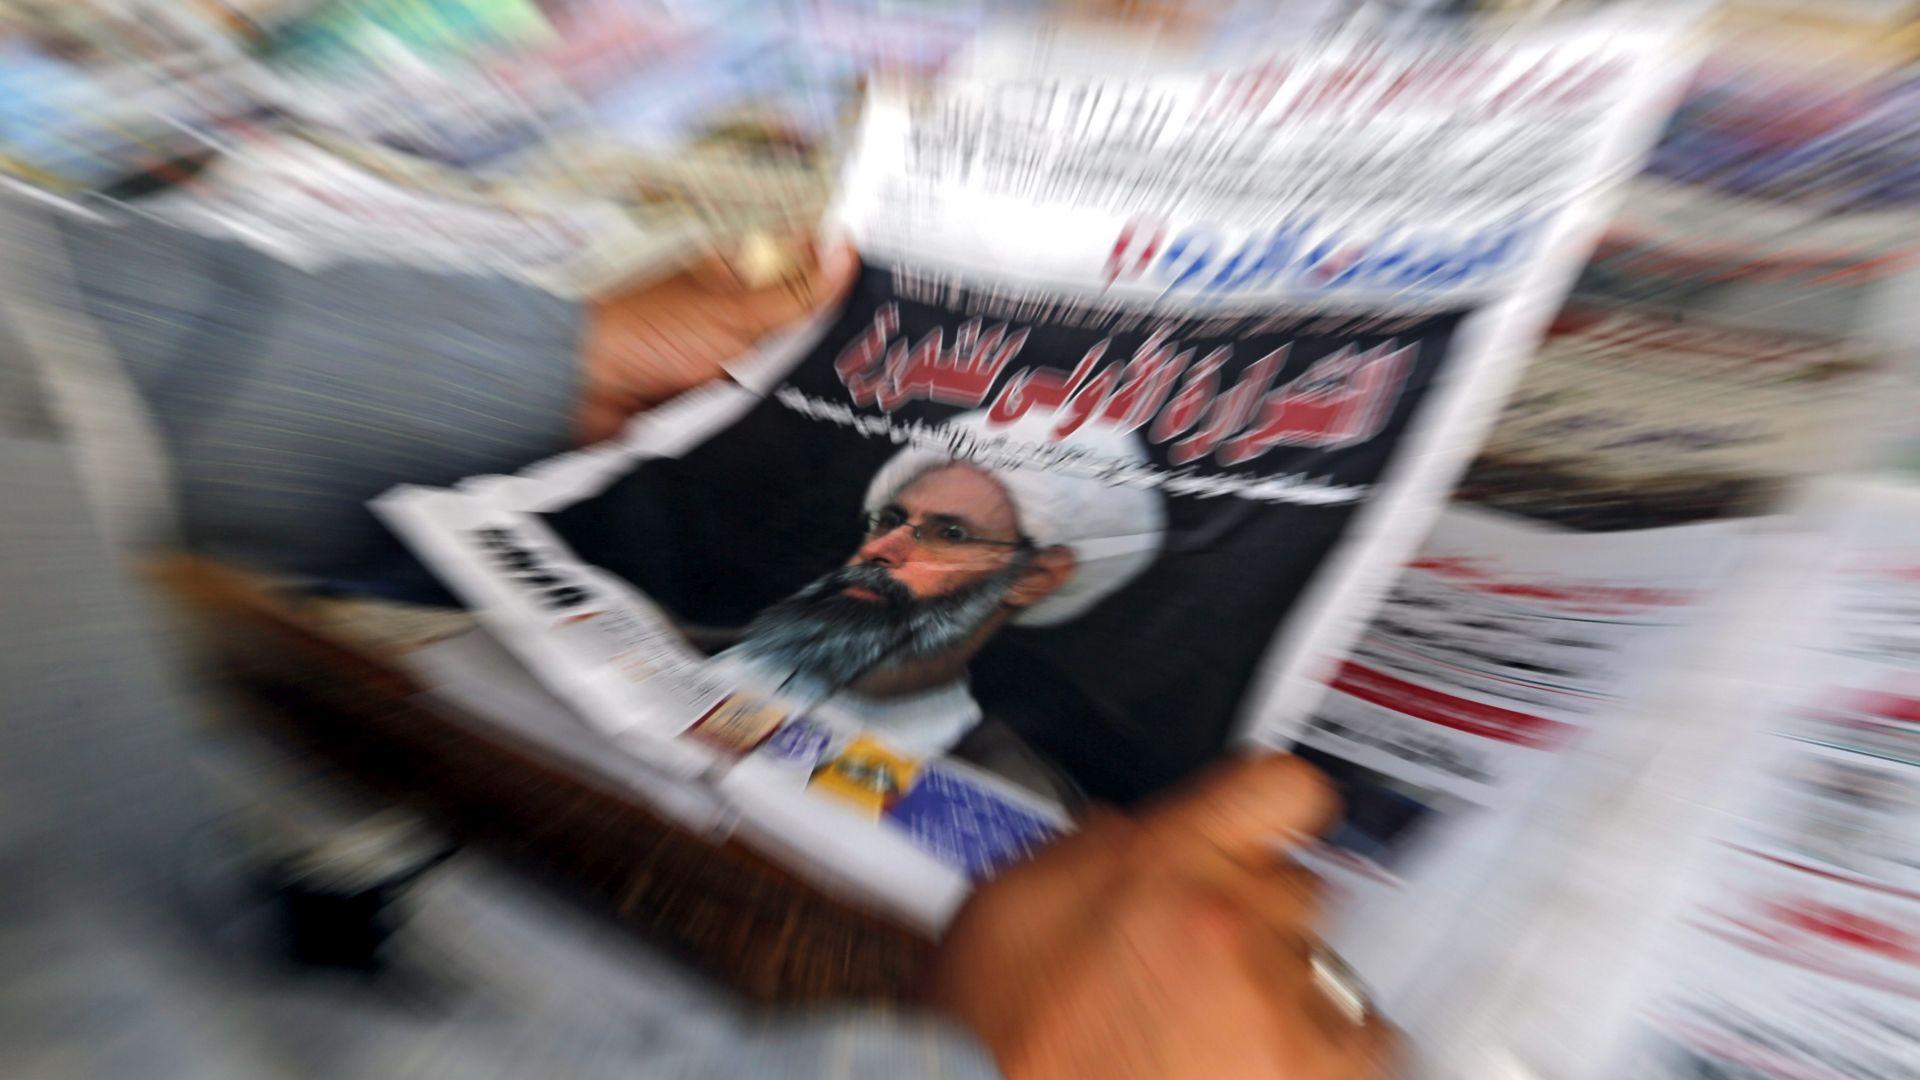 ZBOG SMAKNUĆA U SAUDIJSKOJ ARABIJI: Pariz i Berlin izrazili žaljenje